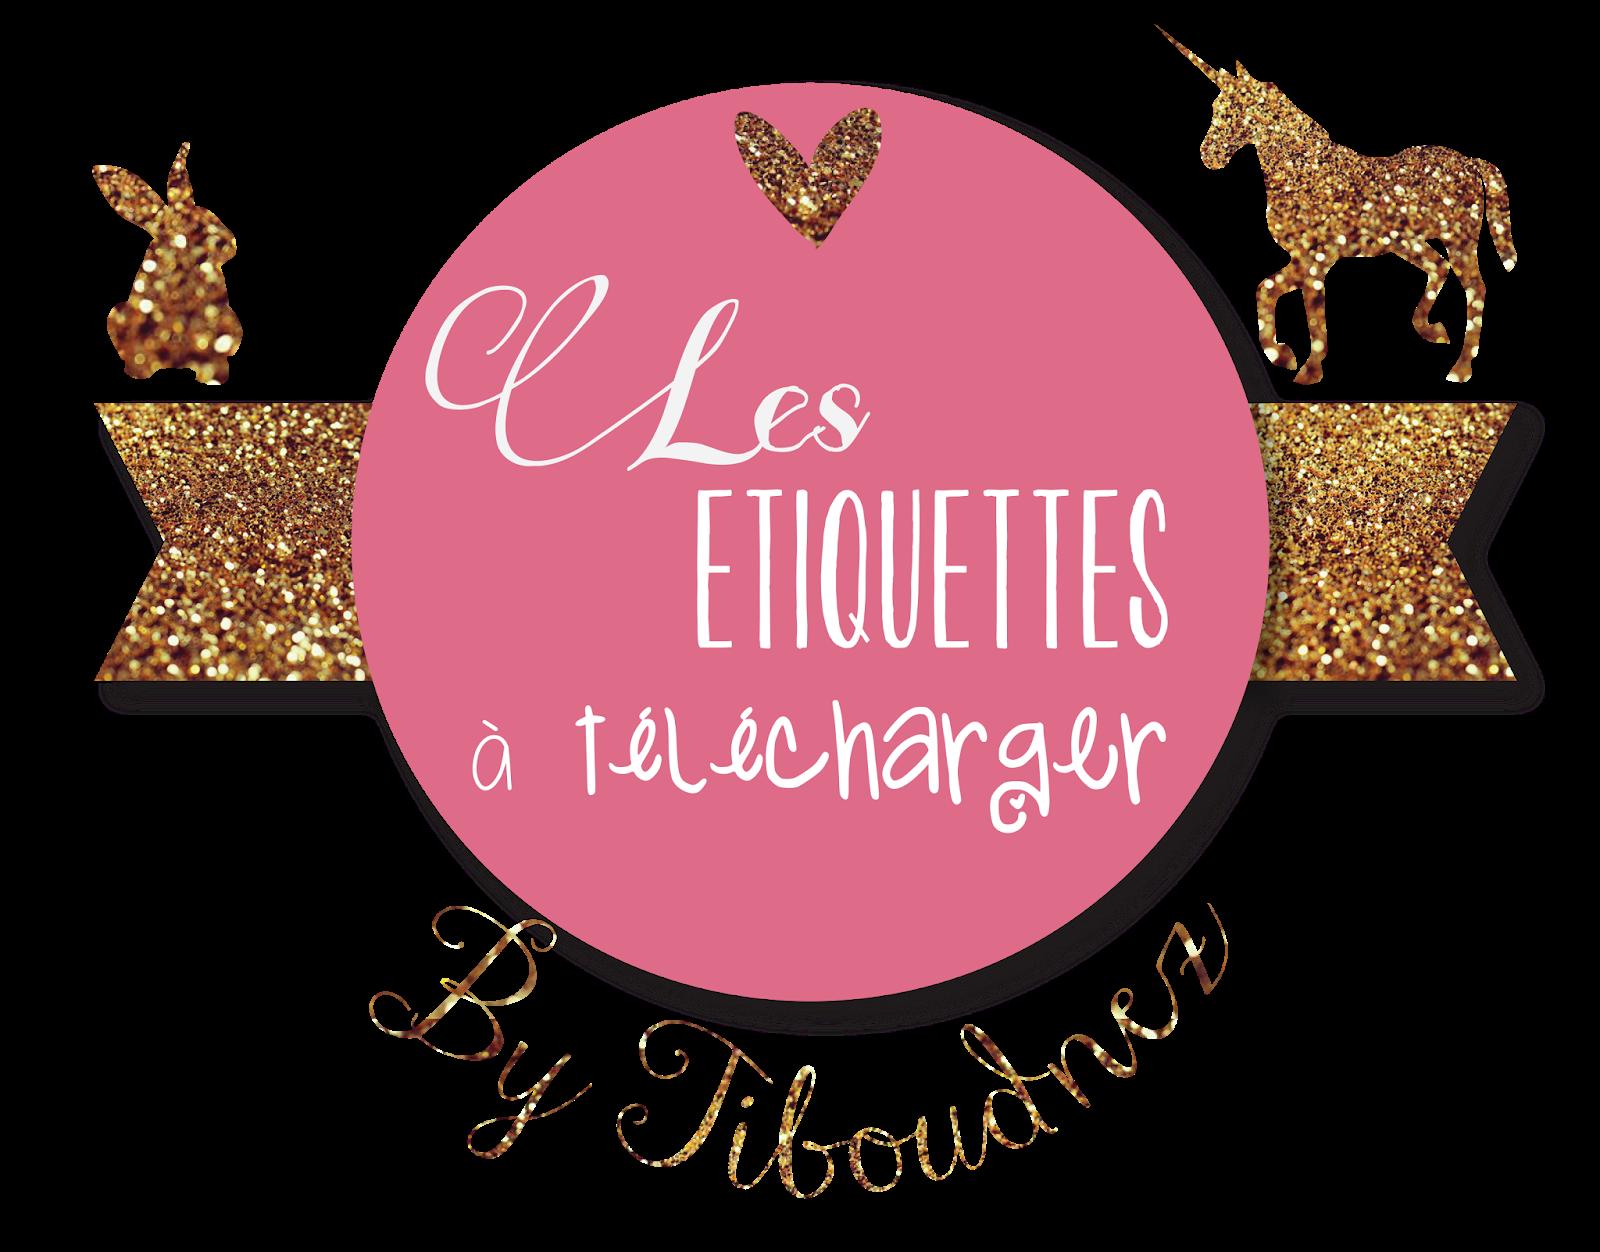 Connu ♥ Des licornes & des poussins - A imprimer ♥ - TIBOUDNEZ IG79